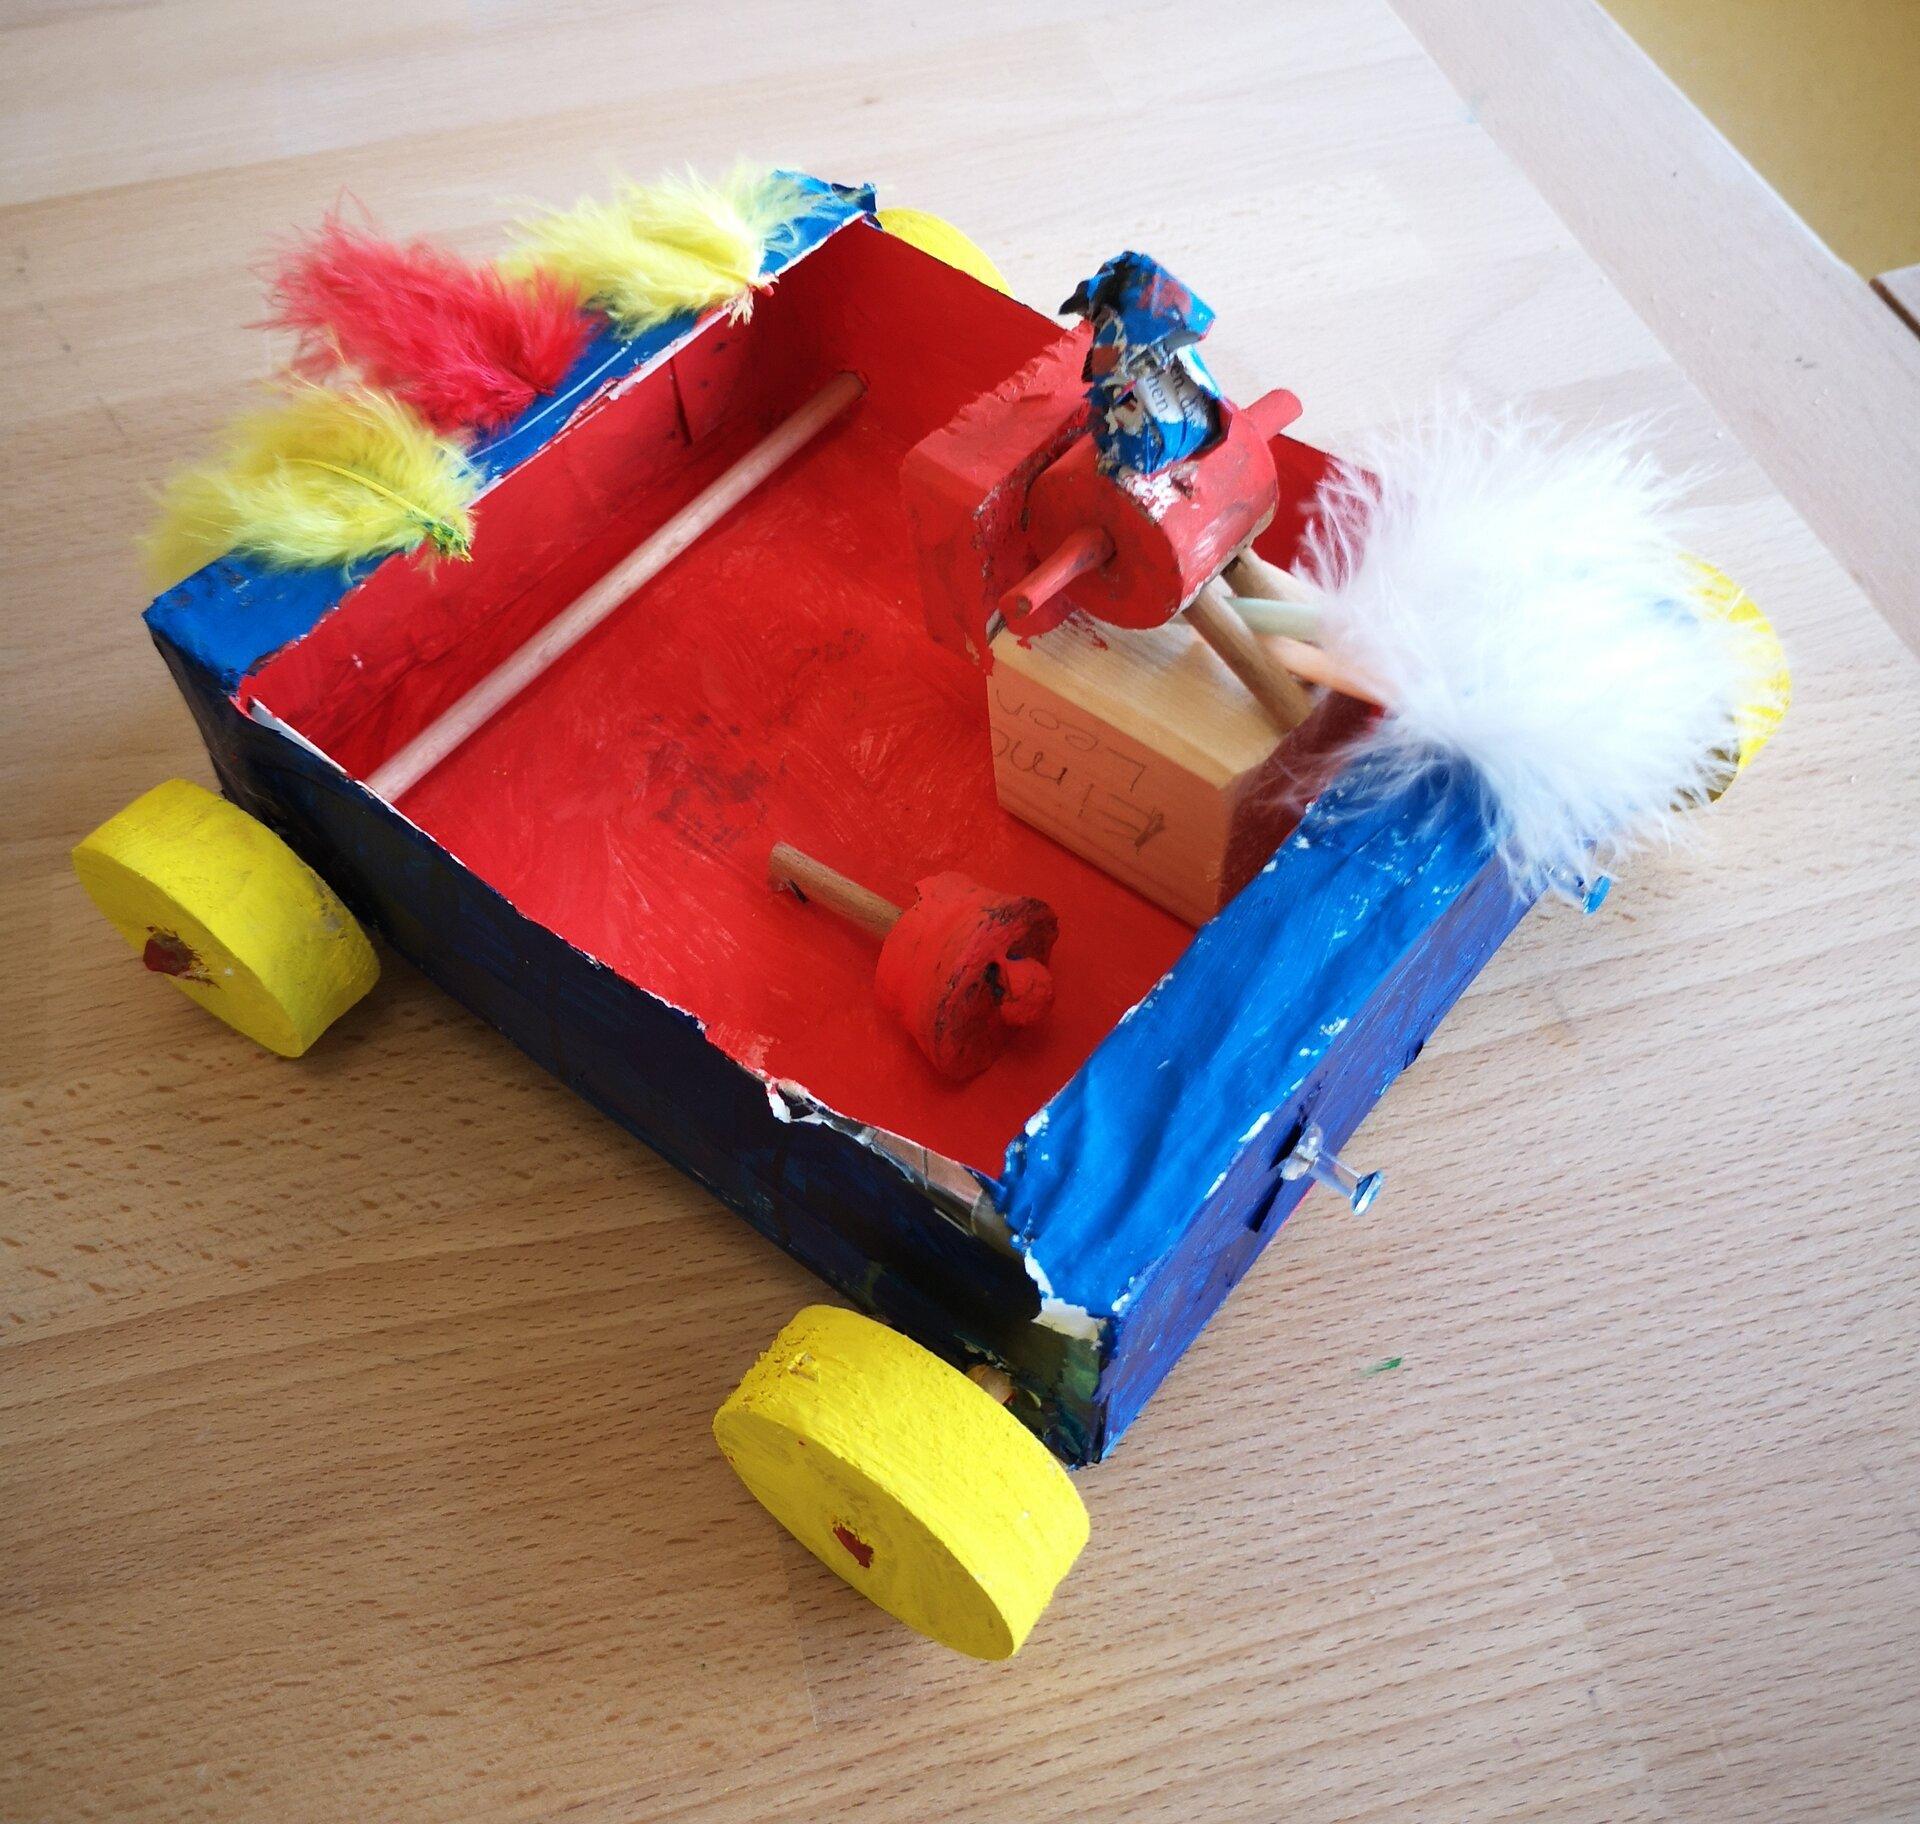 Räderfahrzeug 3a